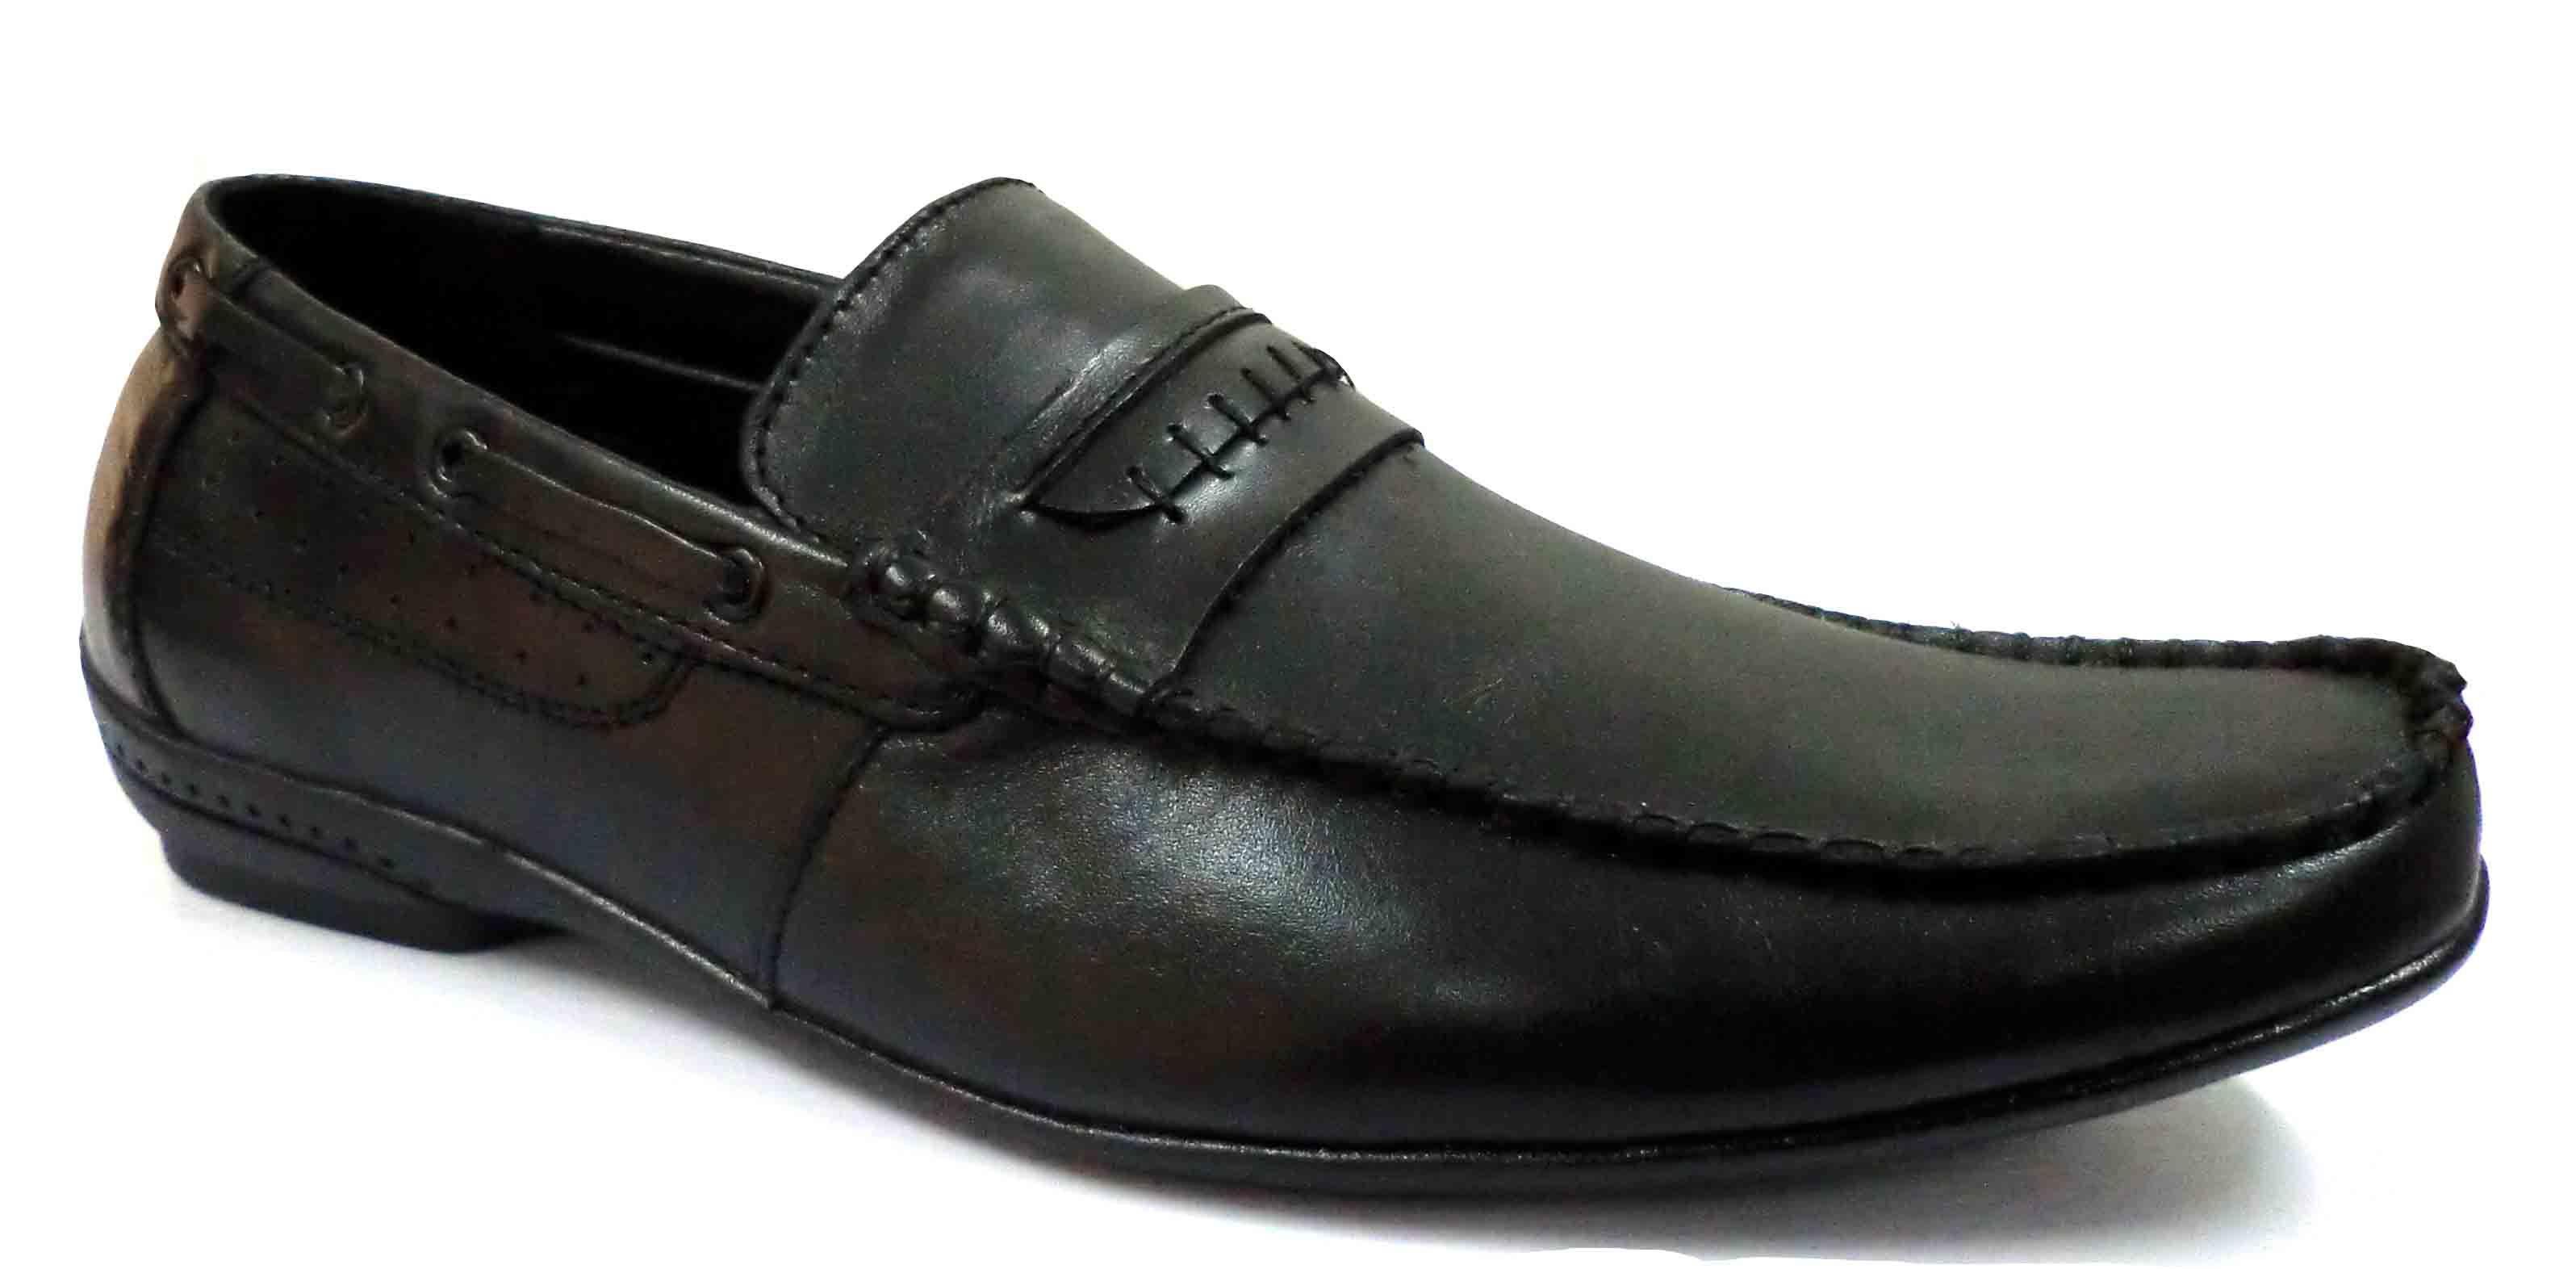 Inblu | We Care For Your Feet - Mens Footwear, Ladies Footwear